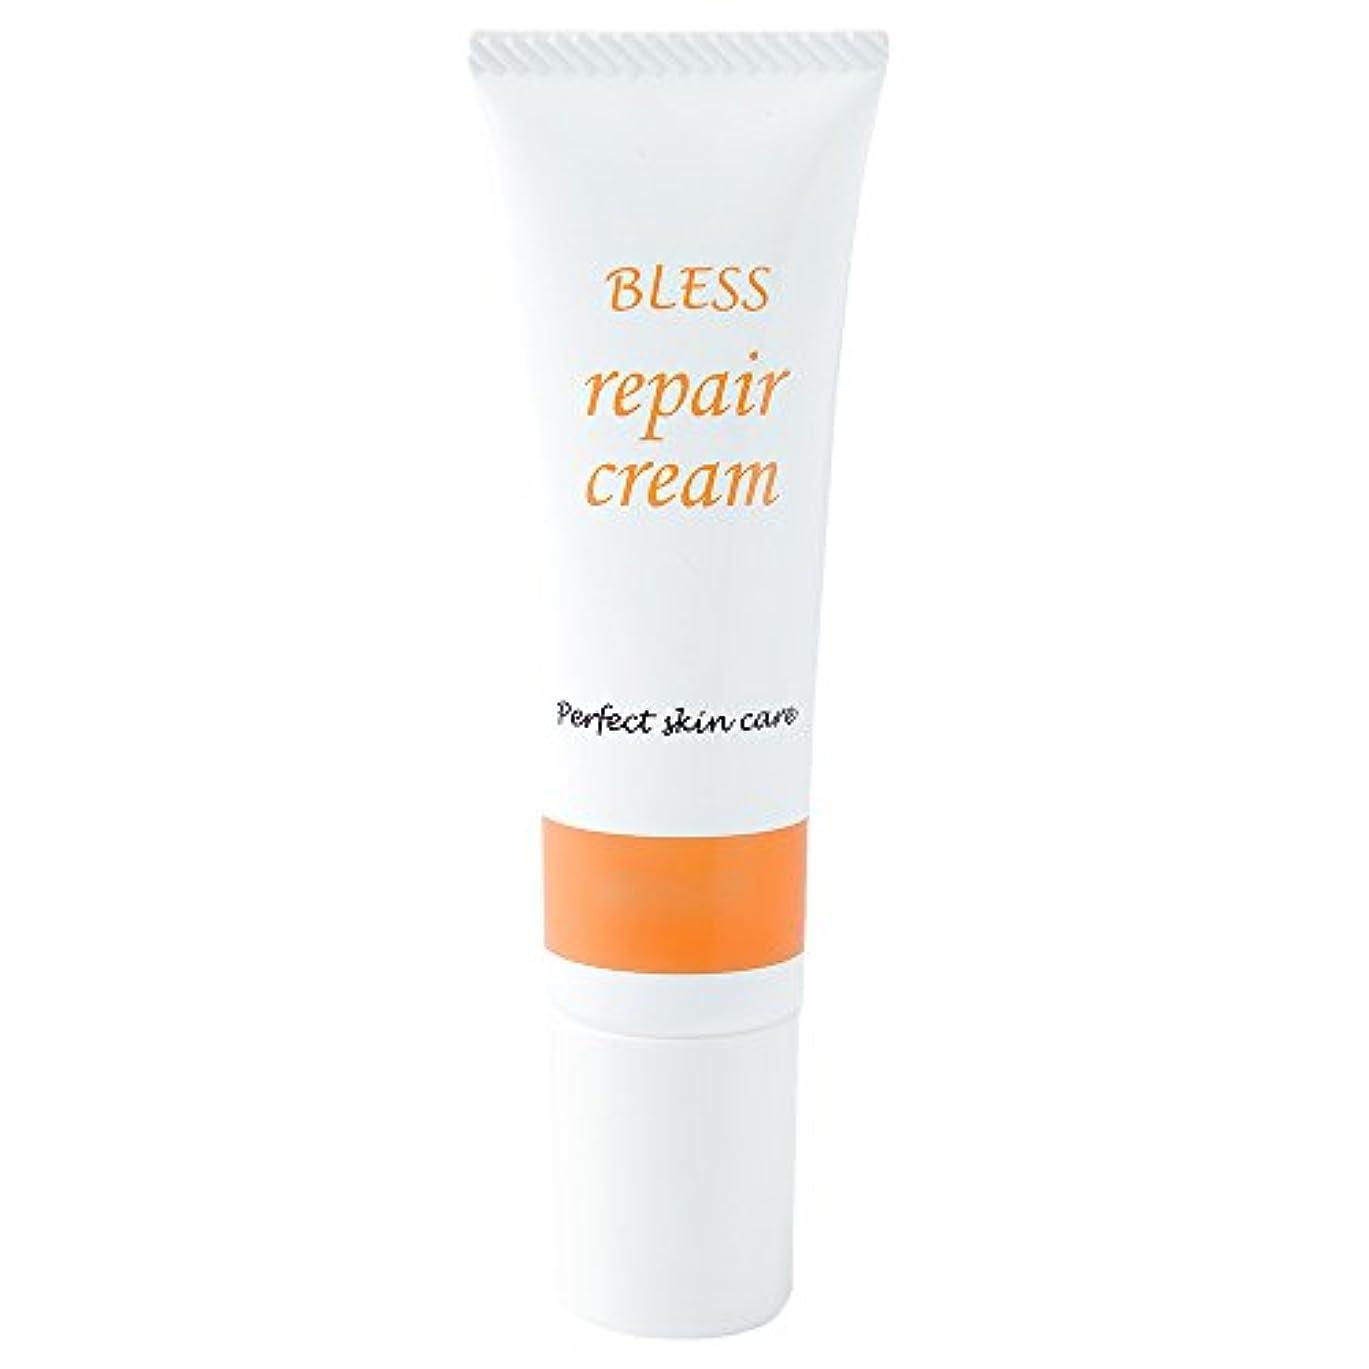 ペフセンター不公平【BLESS】 しわ 対策用 エイジング リペアクリーム 30g 無添加 抗シワ評価試験済み製品 日本製 美容液